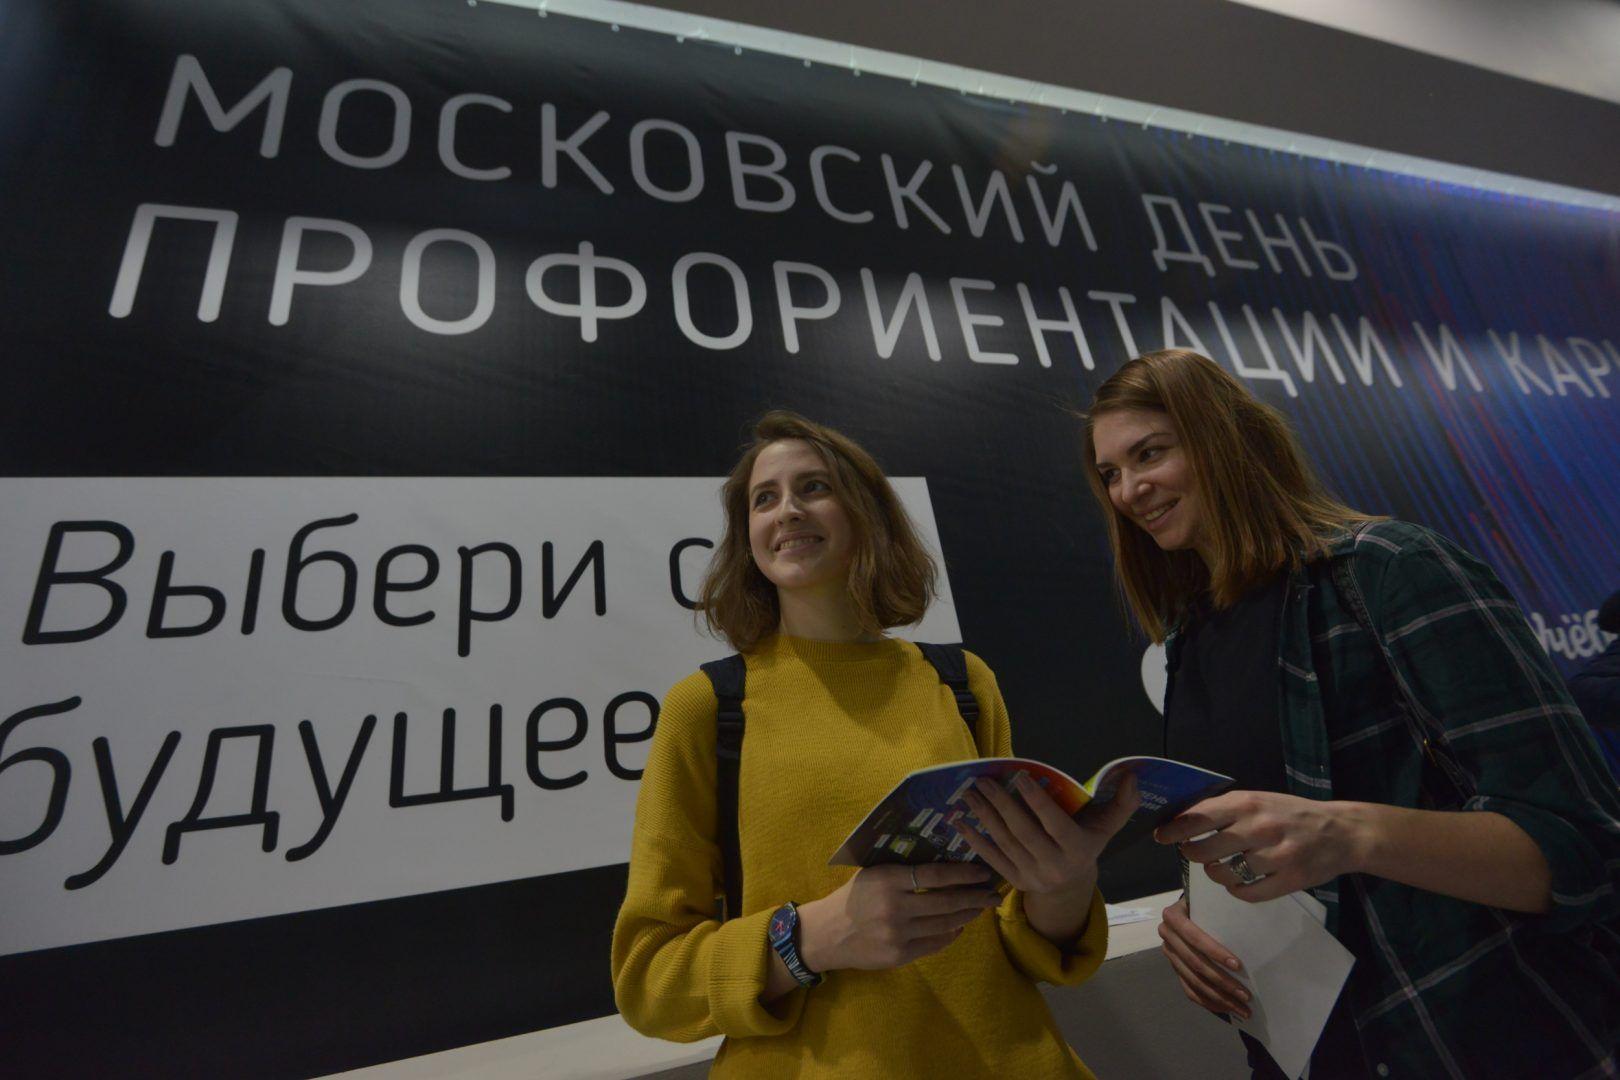 Вход бесплатный. Фото: Наталья Феоктистова, «Вечерняя Москва»